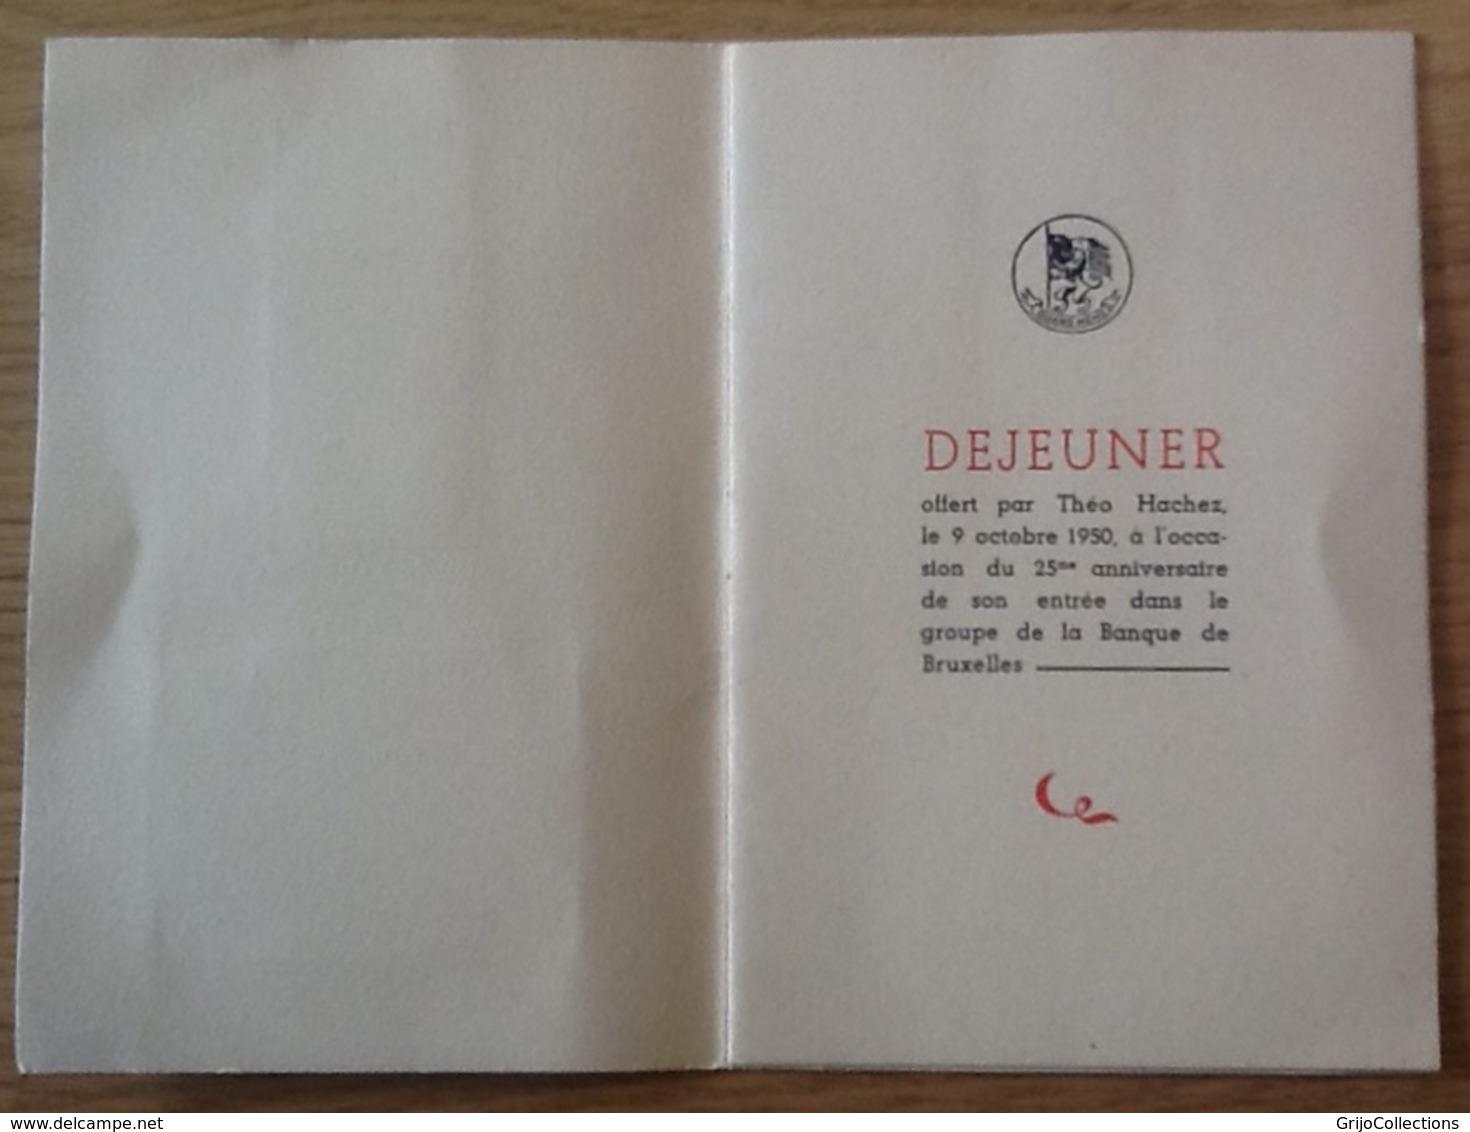 Déjeuner Offert Par Théo Hachez. Avec Signature De Mr. Hachez. 1950. Ménu. Banque De Bruxelles. - Bank & Insurance